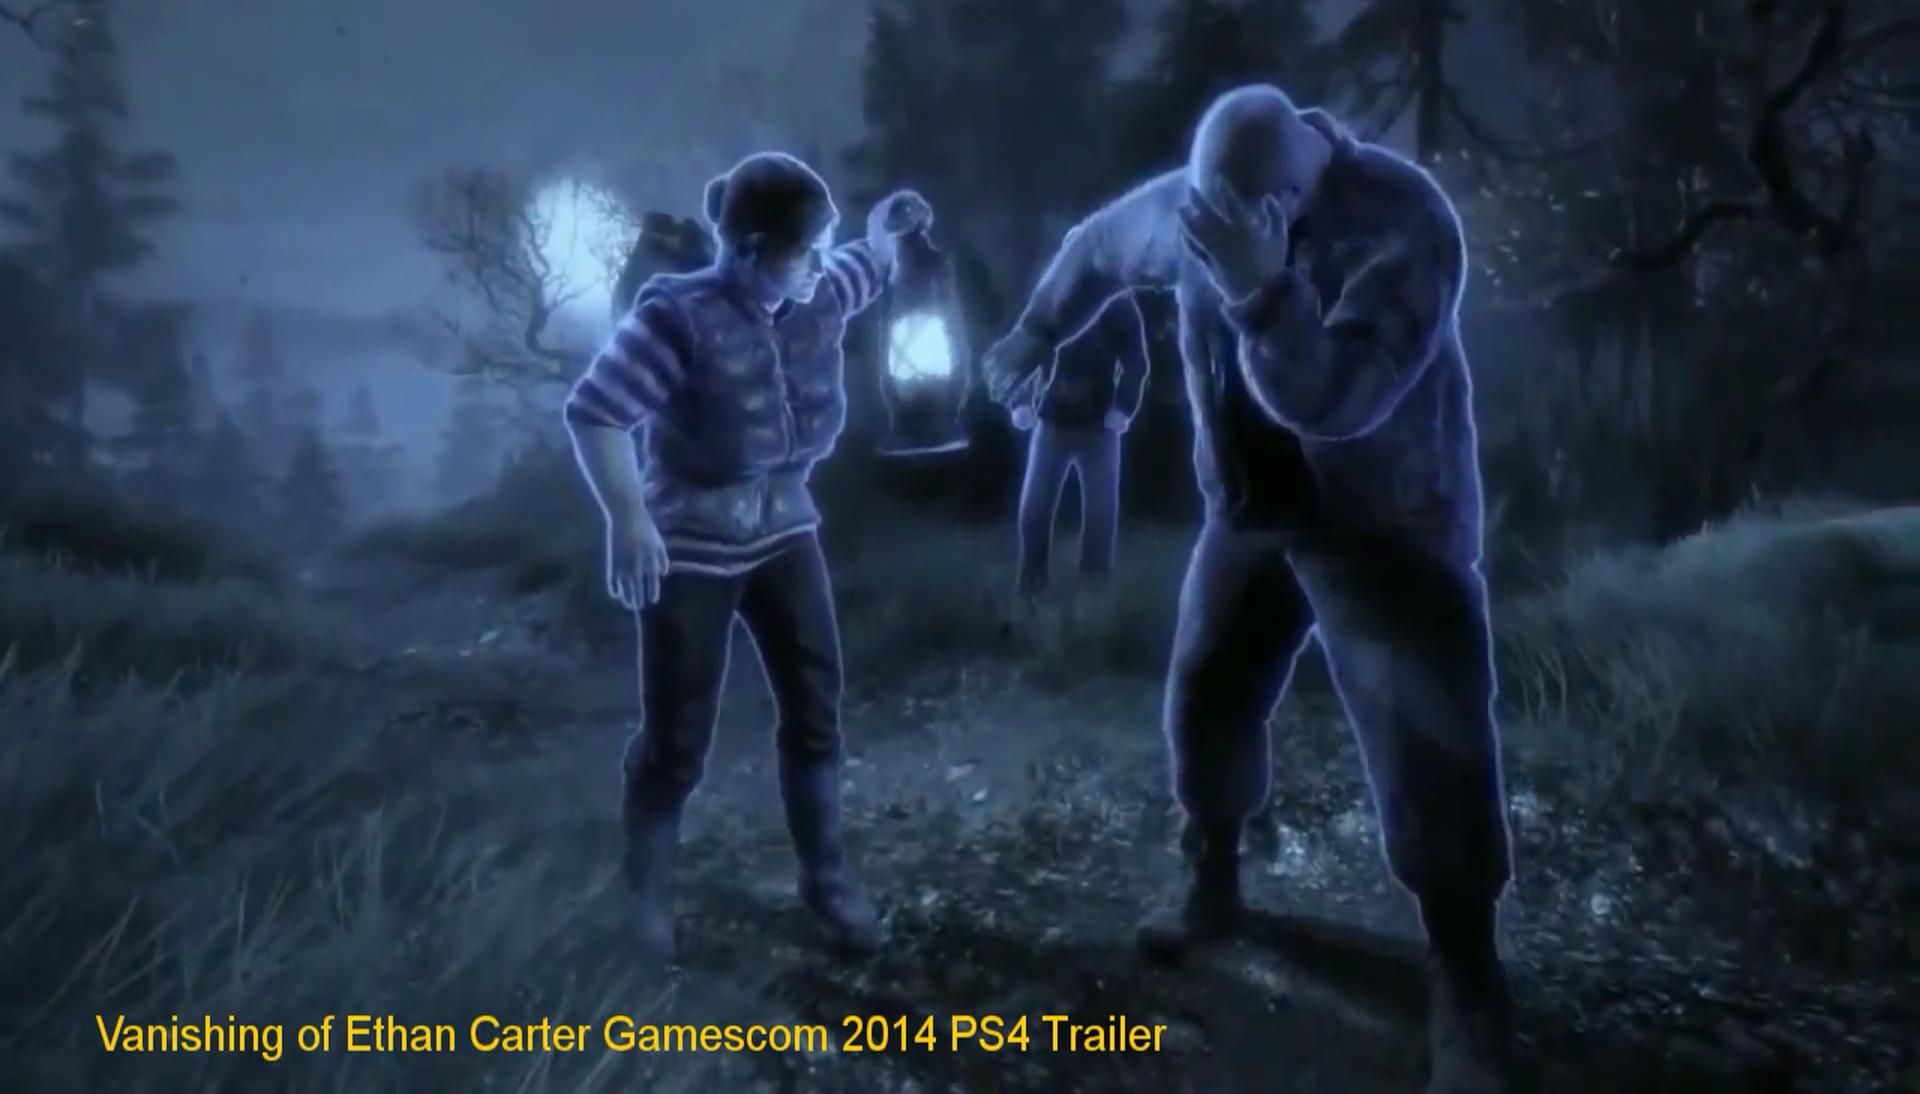 Сильное УХУДШЕНИЕ ГРАФИКИ PS4-версии The Vanishing of Ethan Carter. - Изображение 2